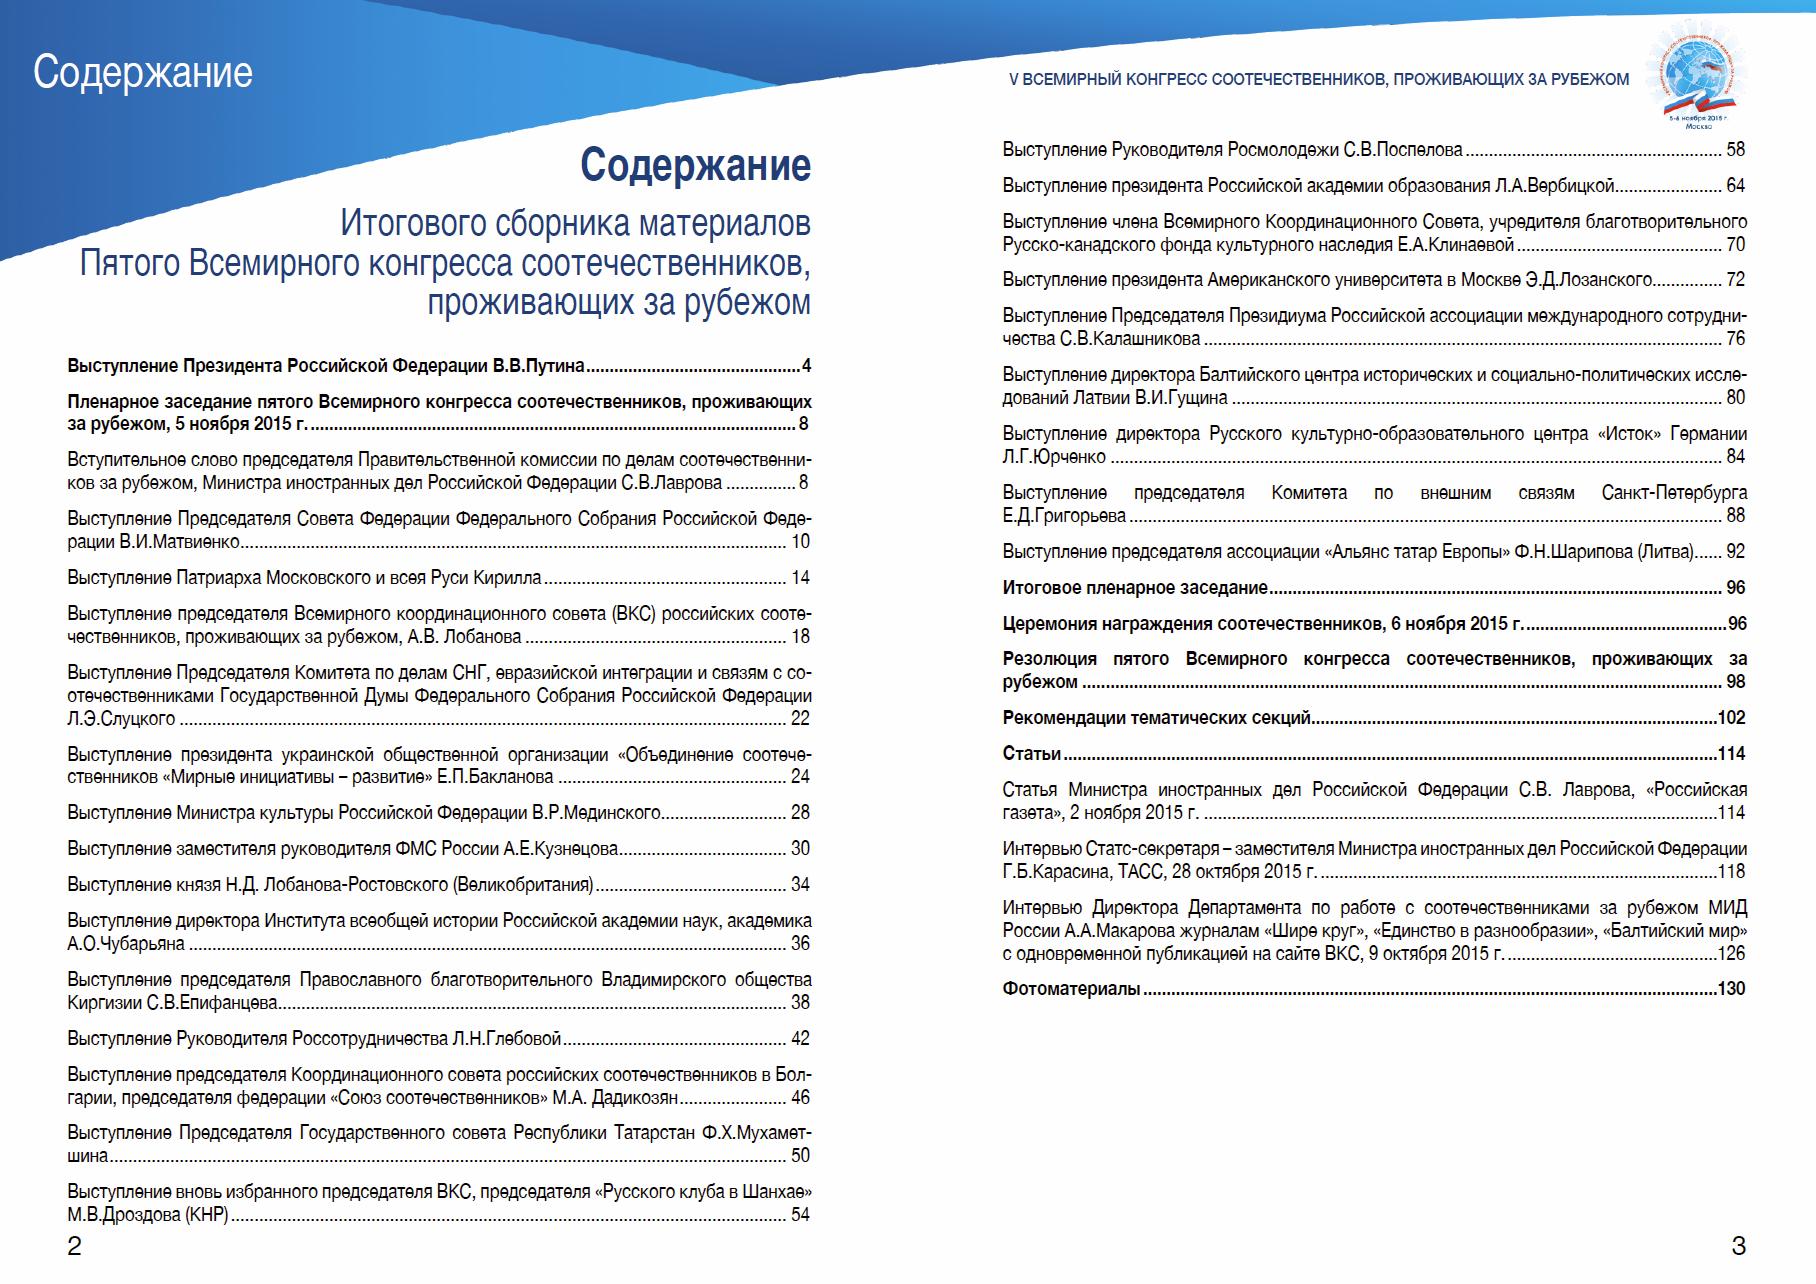 V Всемирный конгресс соотечественников, проживающих за рубежом: итоговый сборник материалов